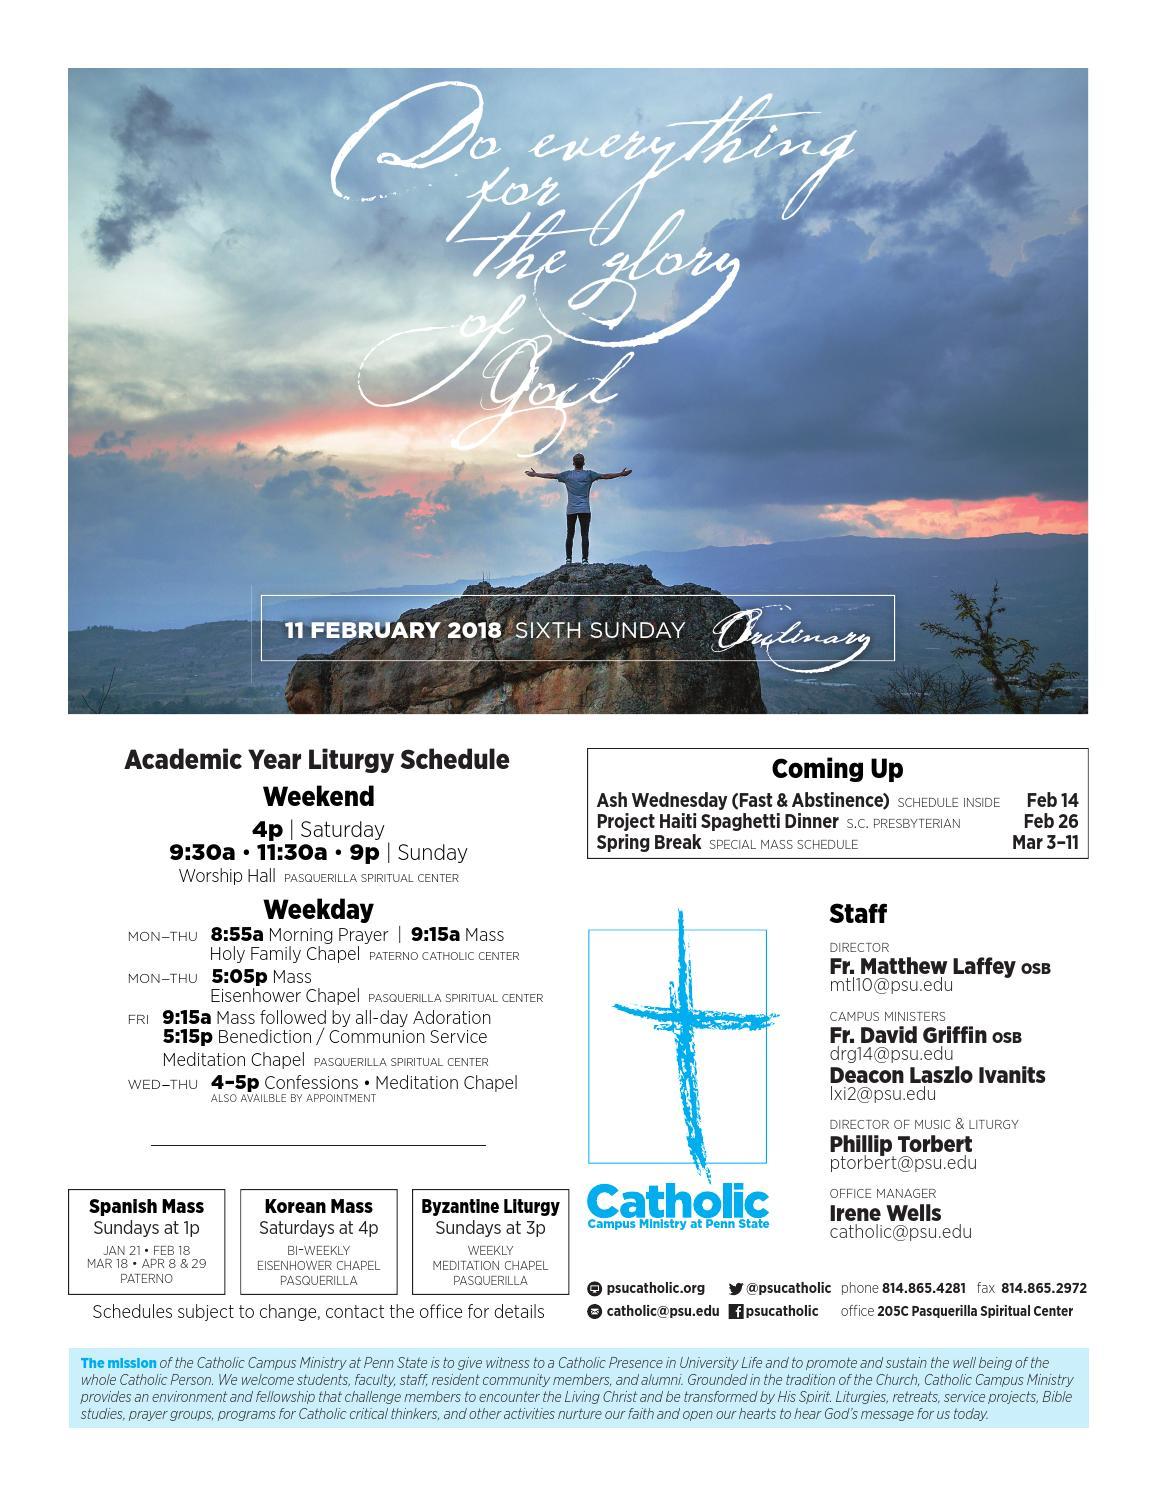 Bulletin for 11 February (Sixth Sunday / Ordinary Time) by Penn